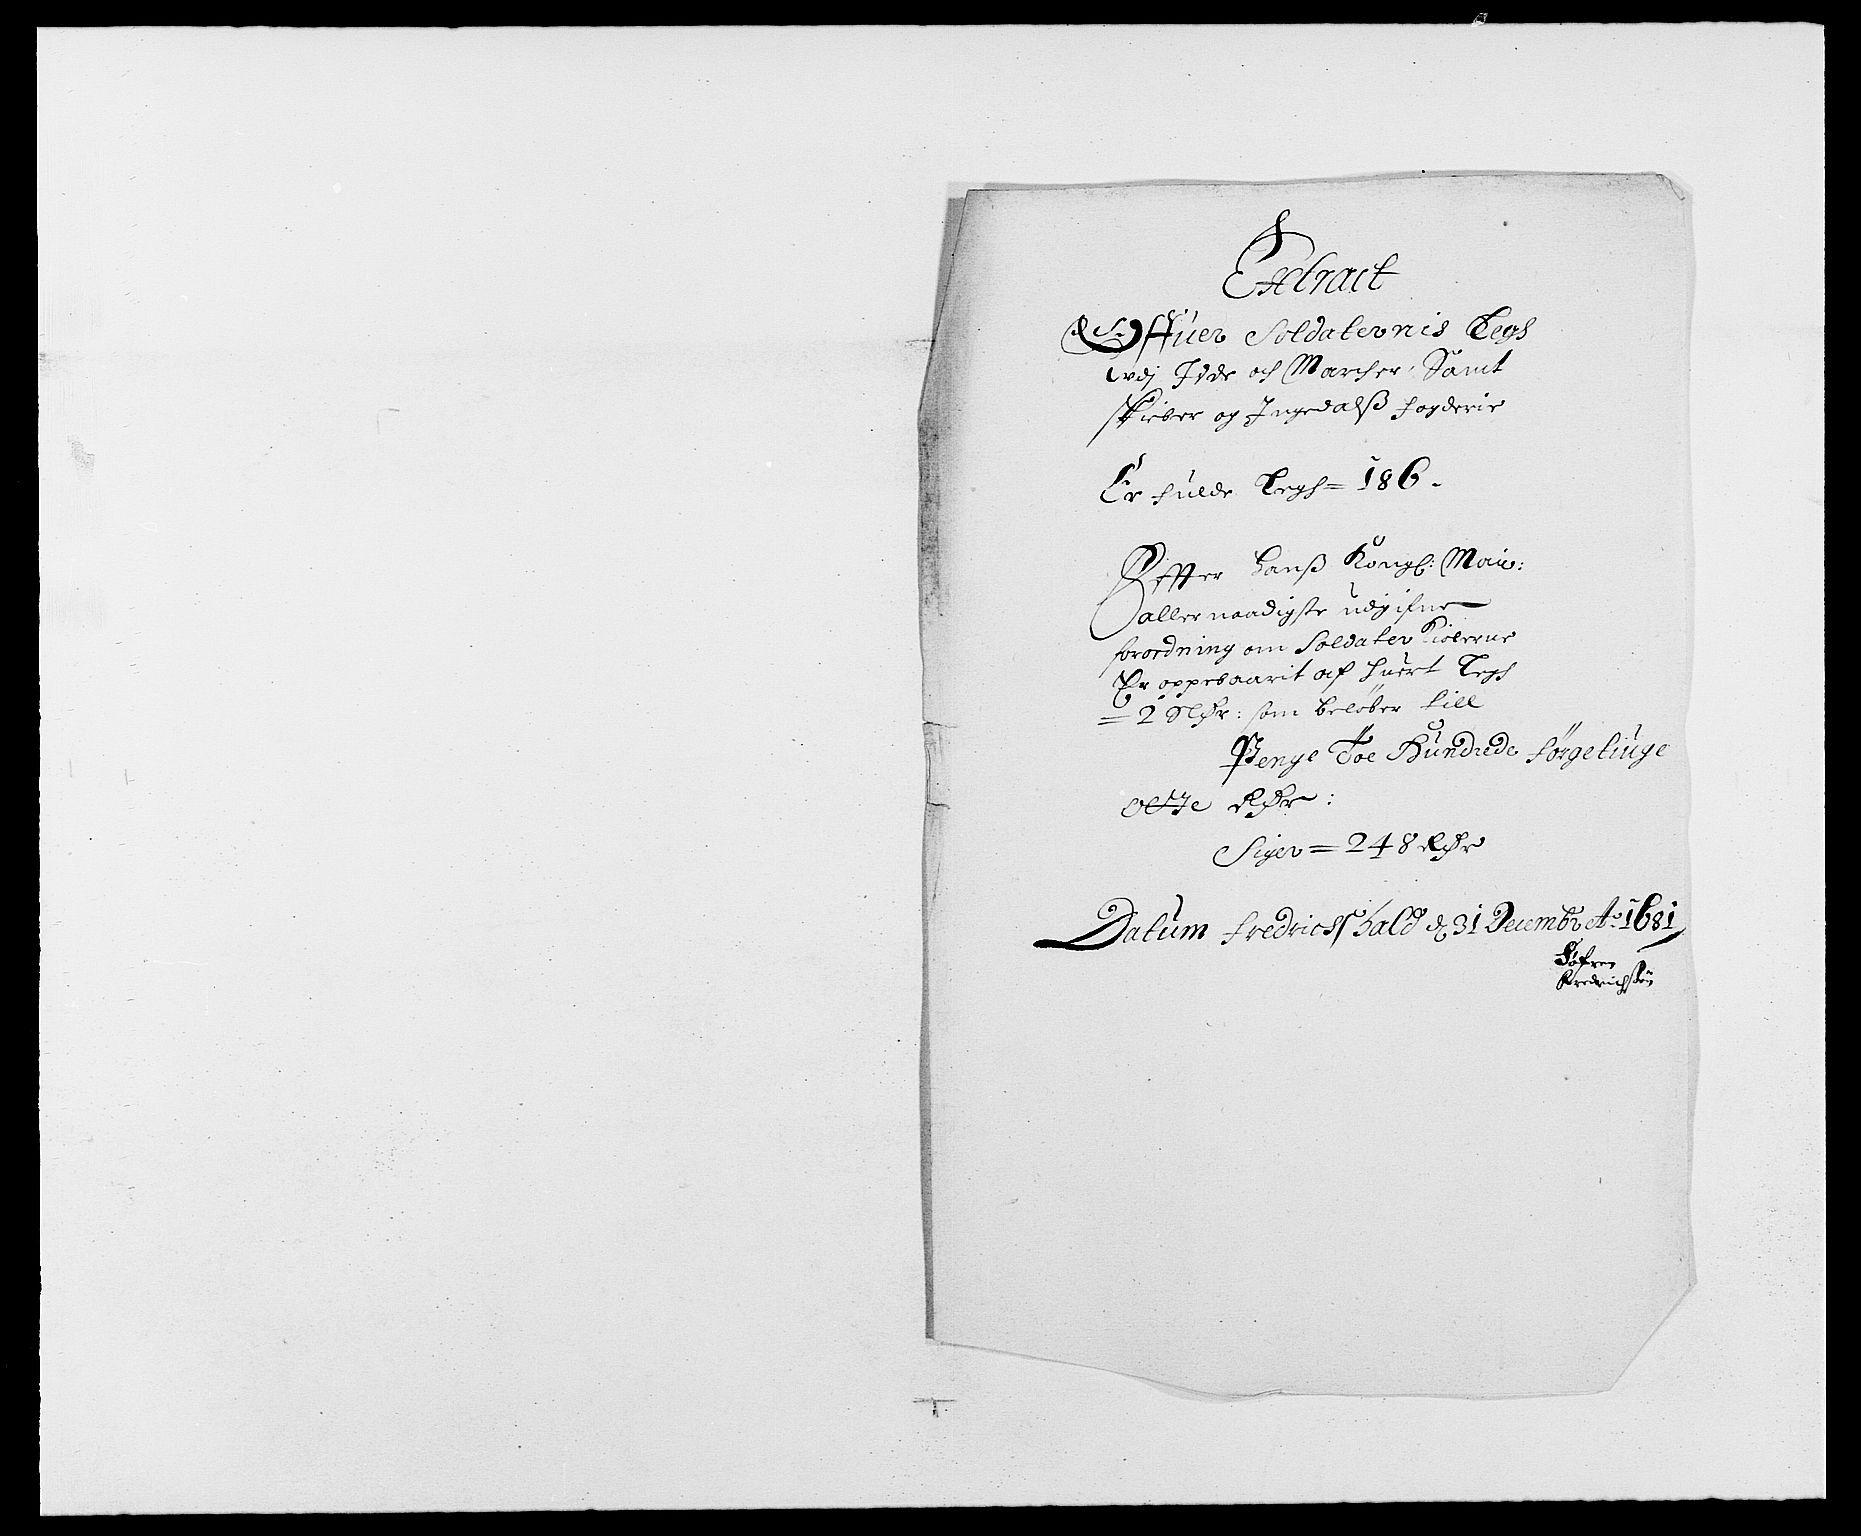 RA, Rentekammeret inntil 1814, Reviderte regnskaper, Fogderegnskap, R01/L0003: Fogderegnskap Idd og Marker, 1678-1681, s. 154